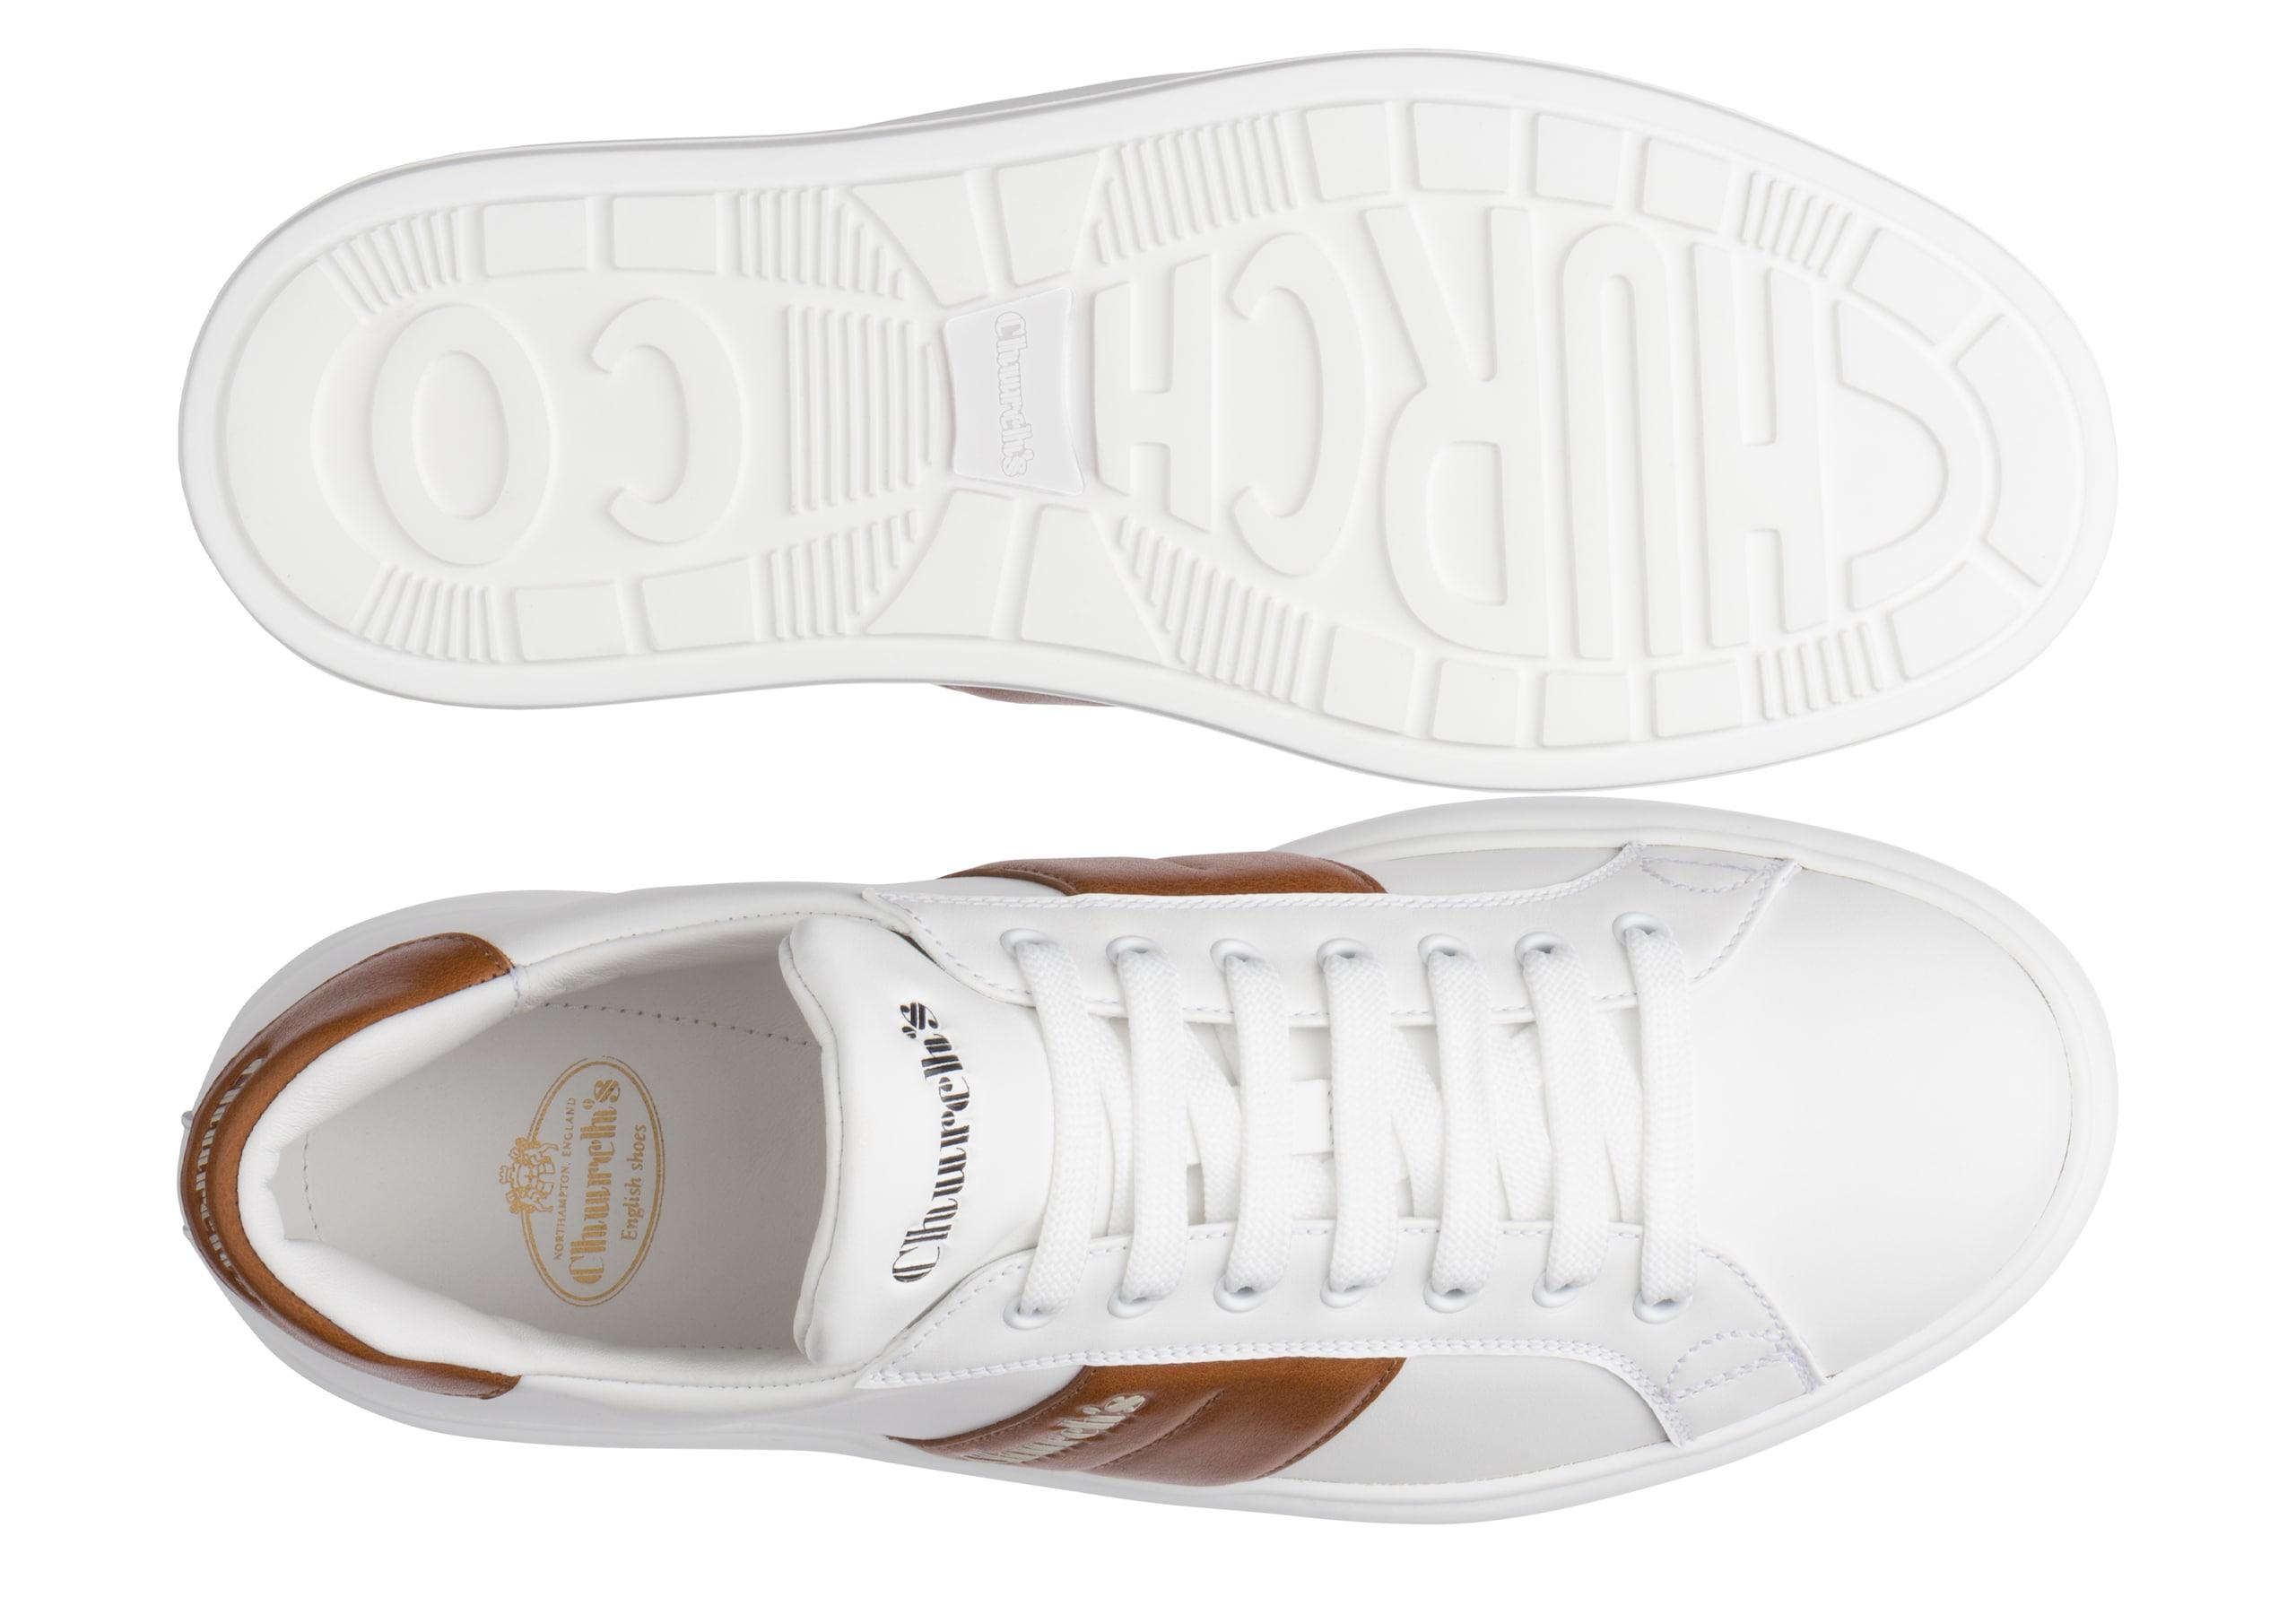 Mach 3 Church's Calf Leather Classic Sneaker White